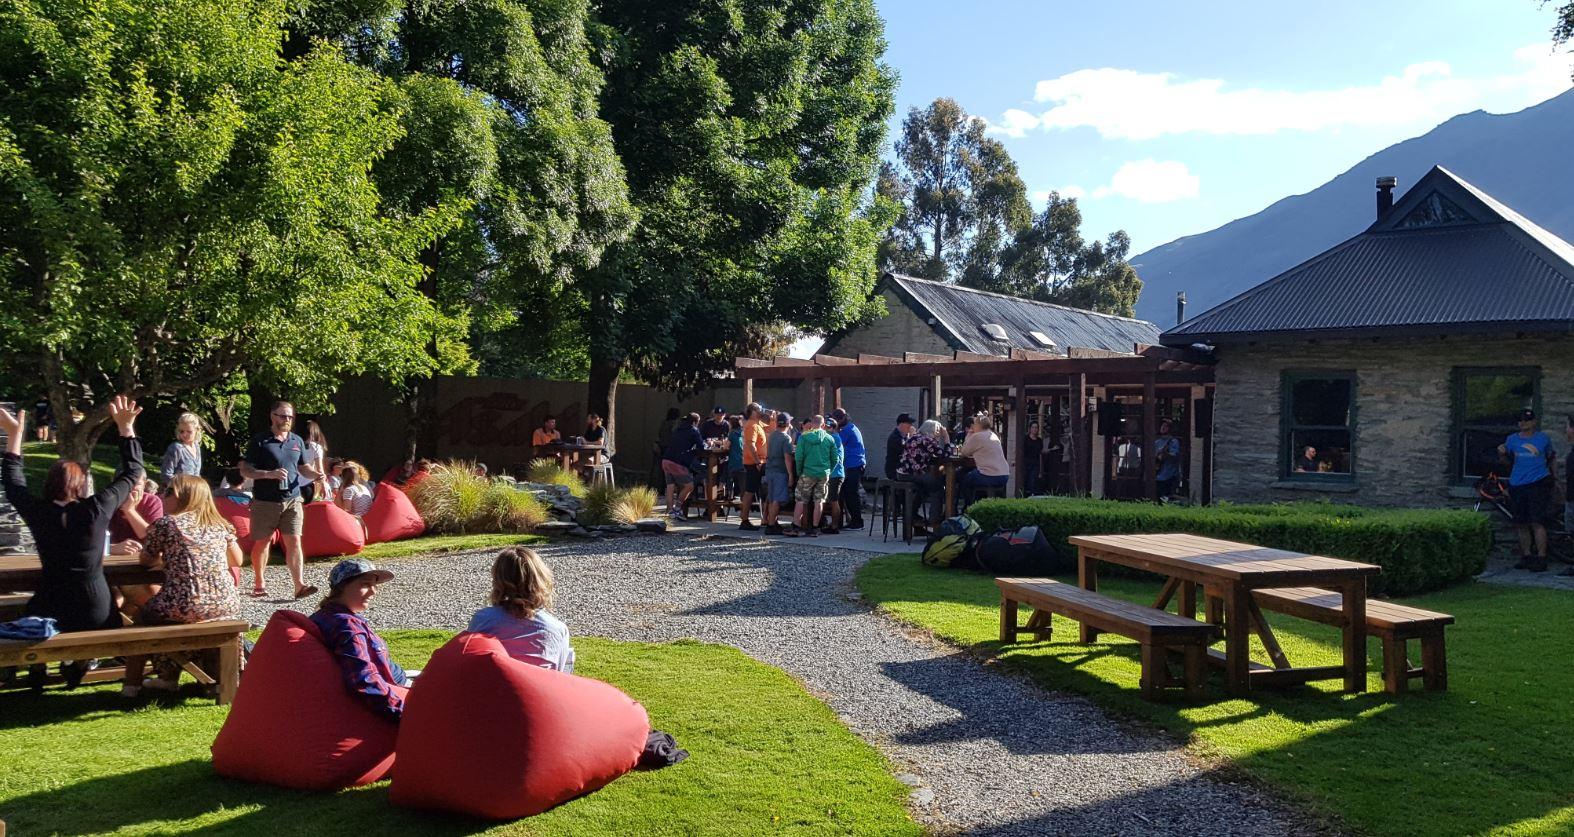 The Hop Trail Gantley's Garden